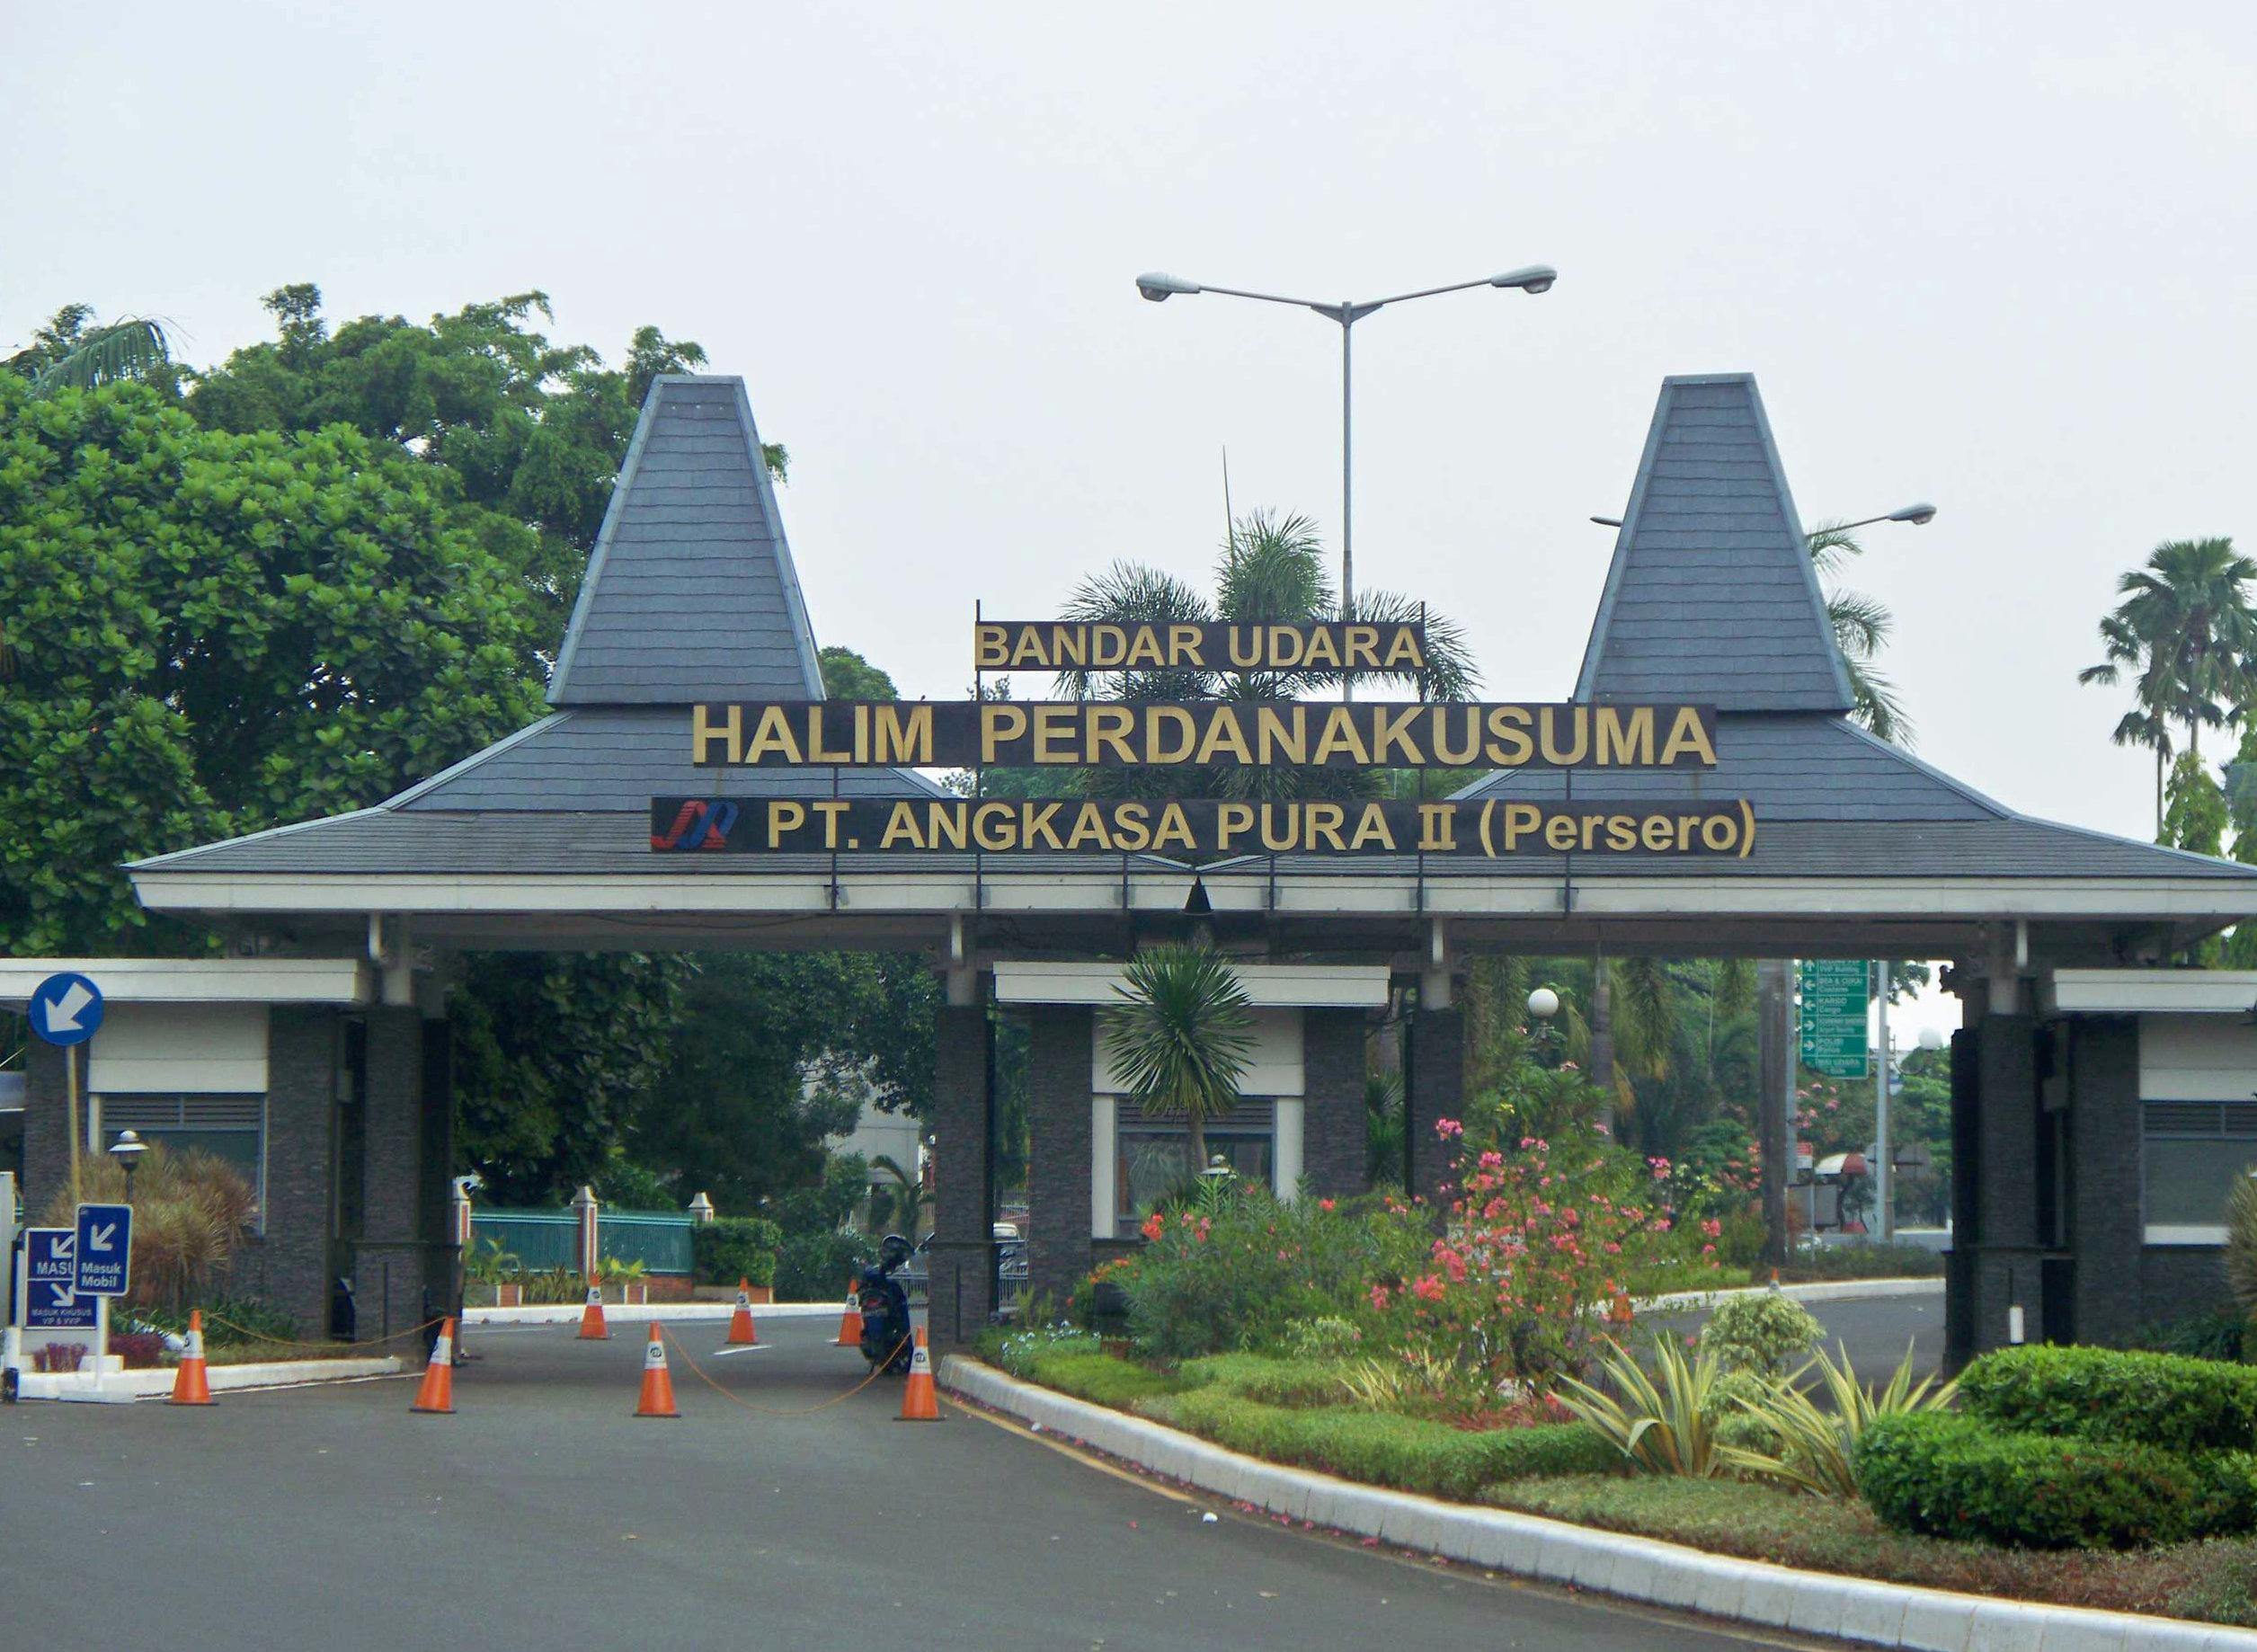 Resultado de imagen para halim perdanakusuma international airport